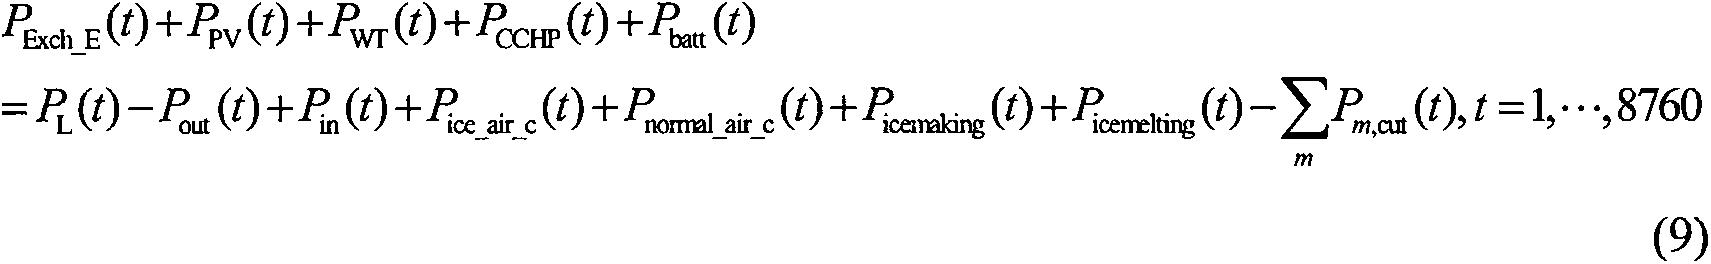 Figure PCTCN2014088992-appb-000007